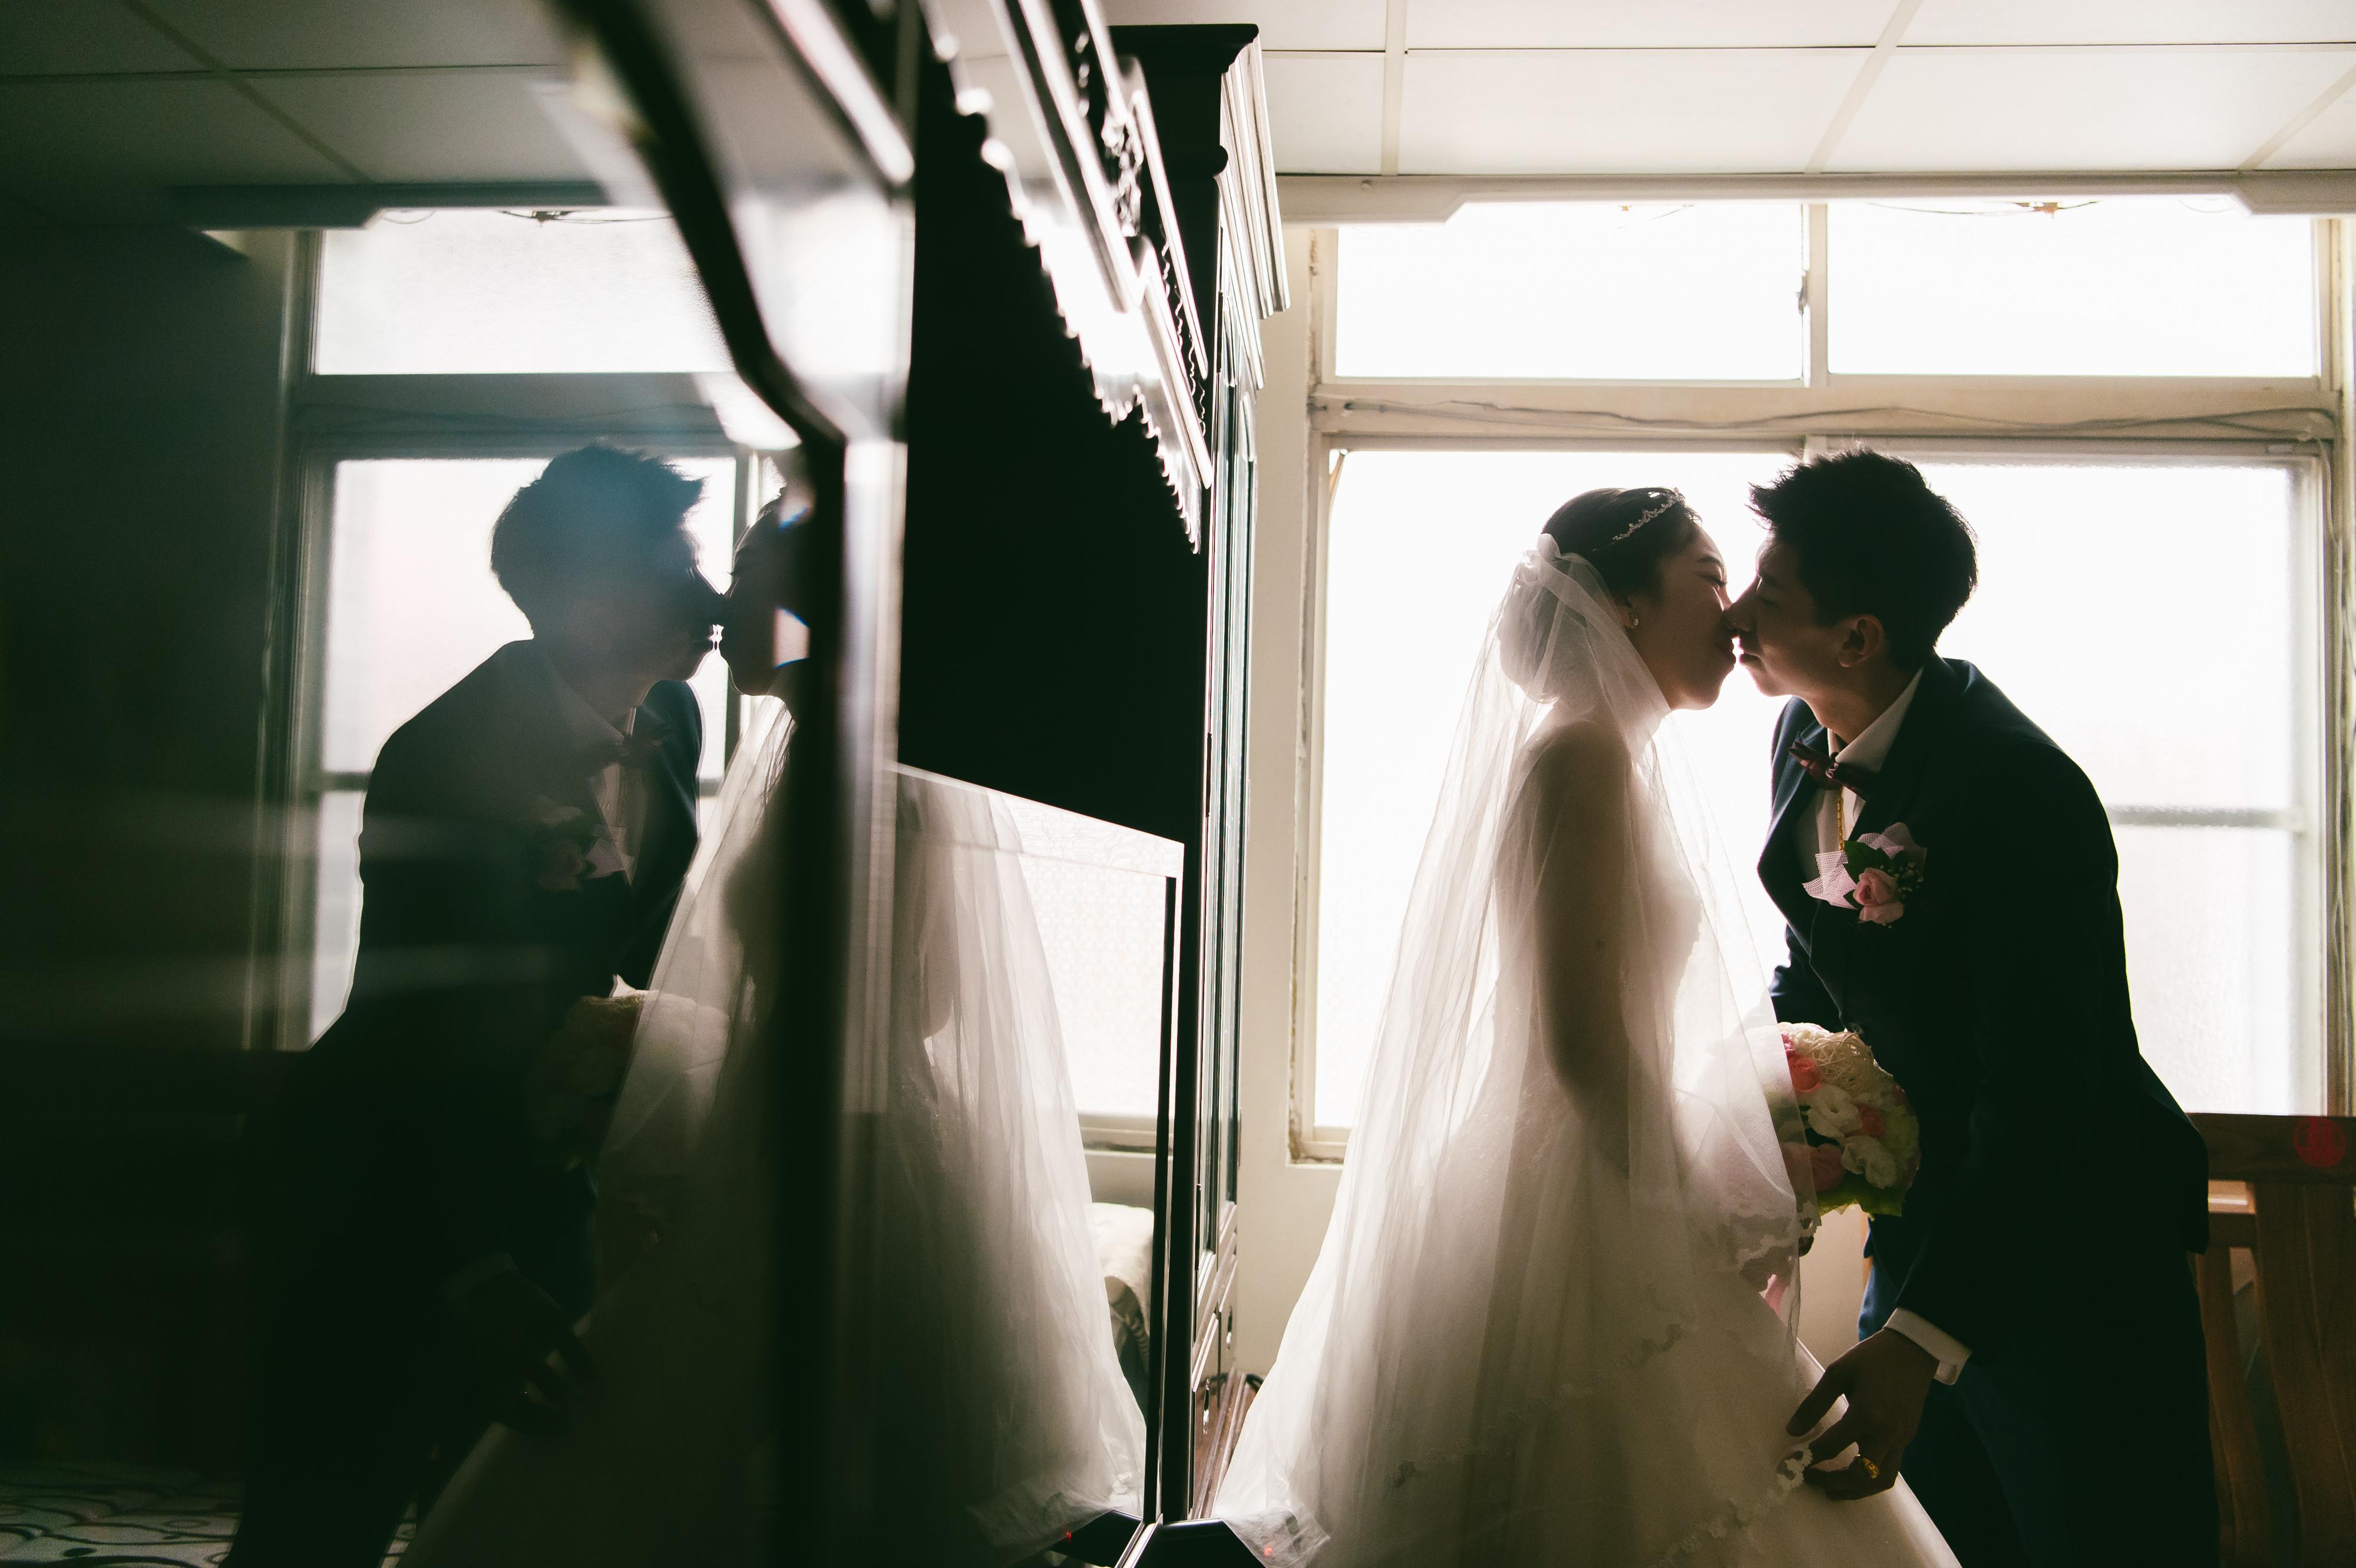 台中婚攝 翔文+靖如 訂婚奉茶結婚迎娶 林酒店